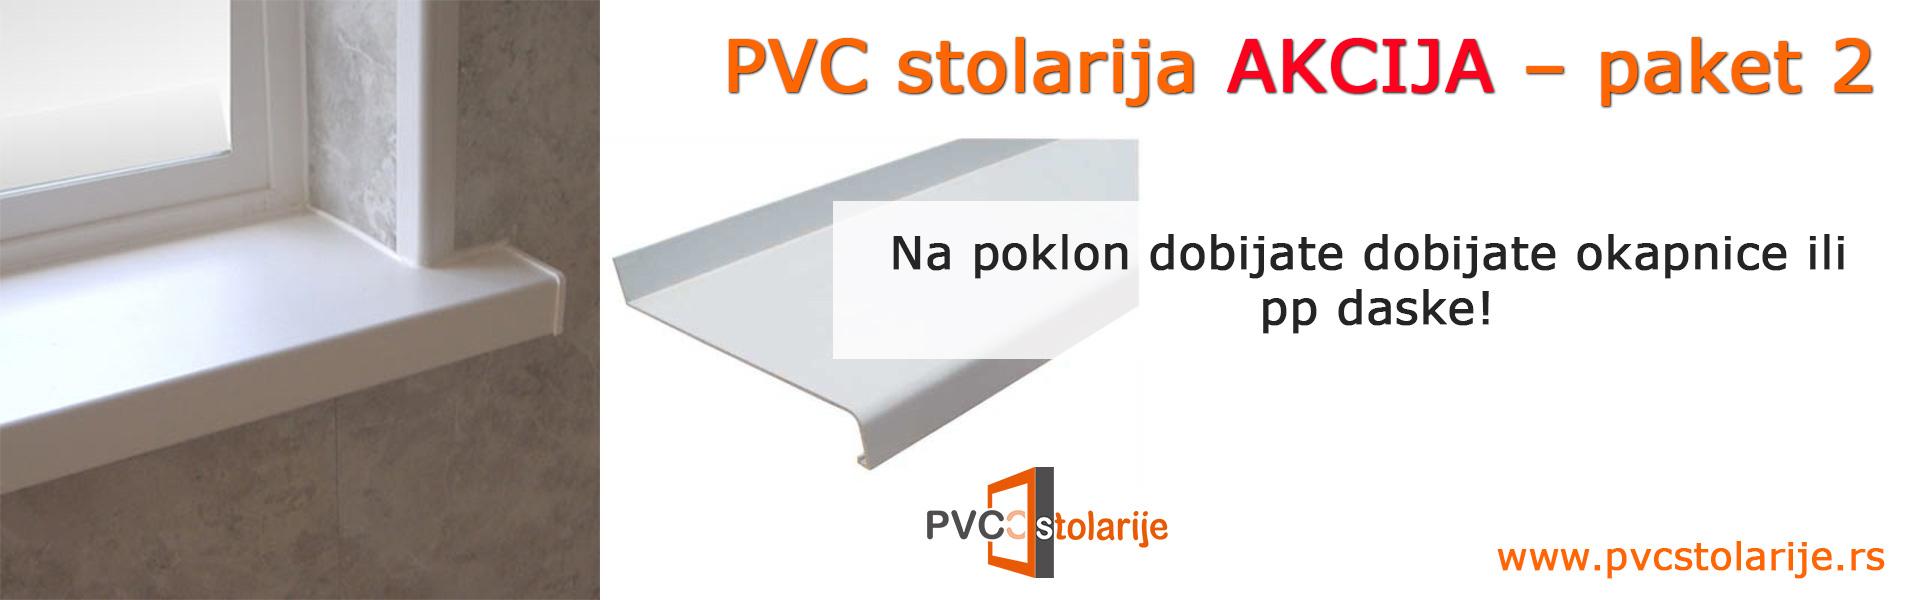 PVC stolarija akcija – paket 2 - PVC Stolarije Tim